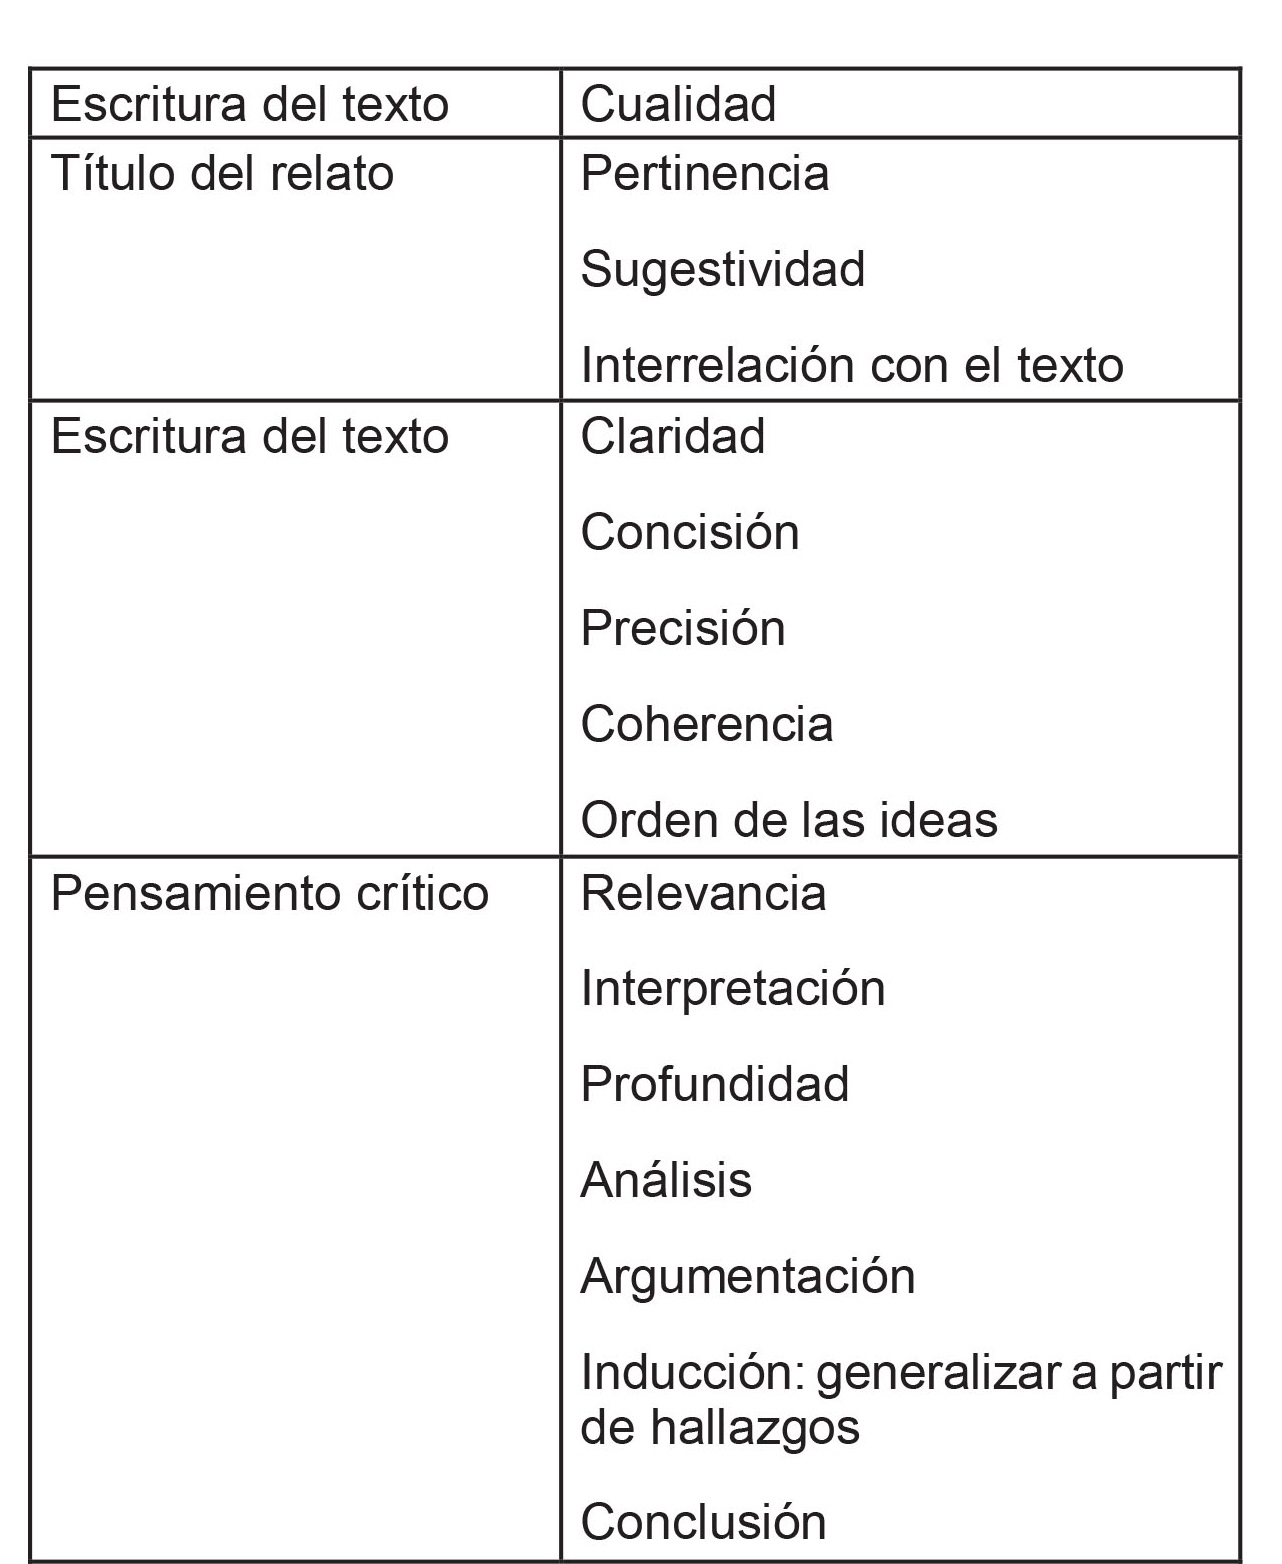 Cualidades evaluadas en las narraciones